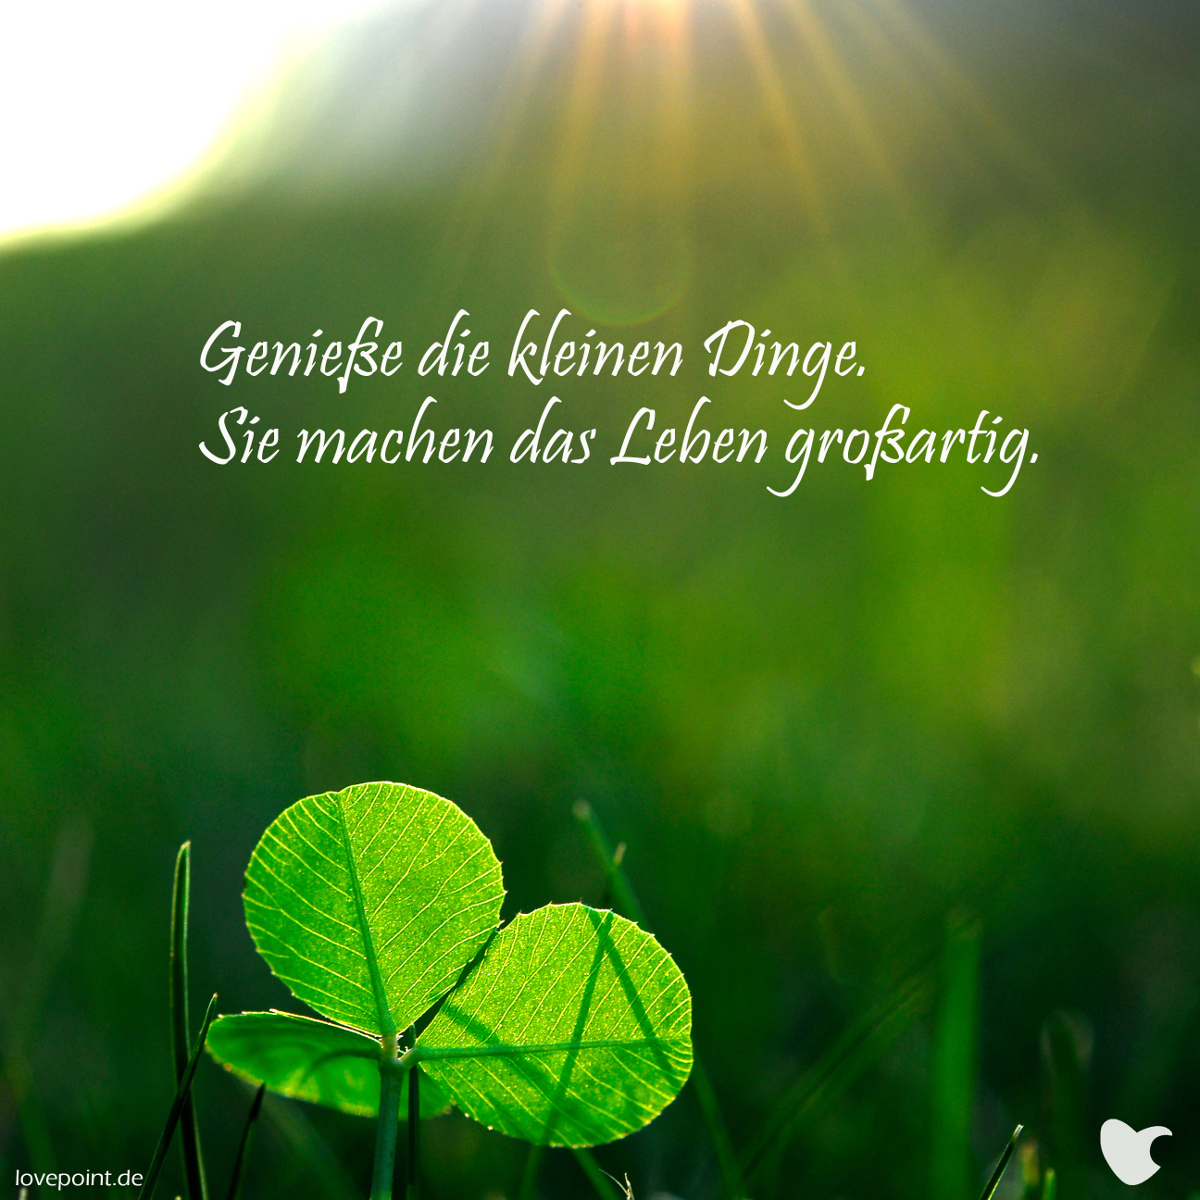 Genieße die kleinen Dinge. Sie machen das Leben großartig.   lovepoint.de